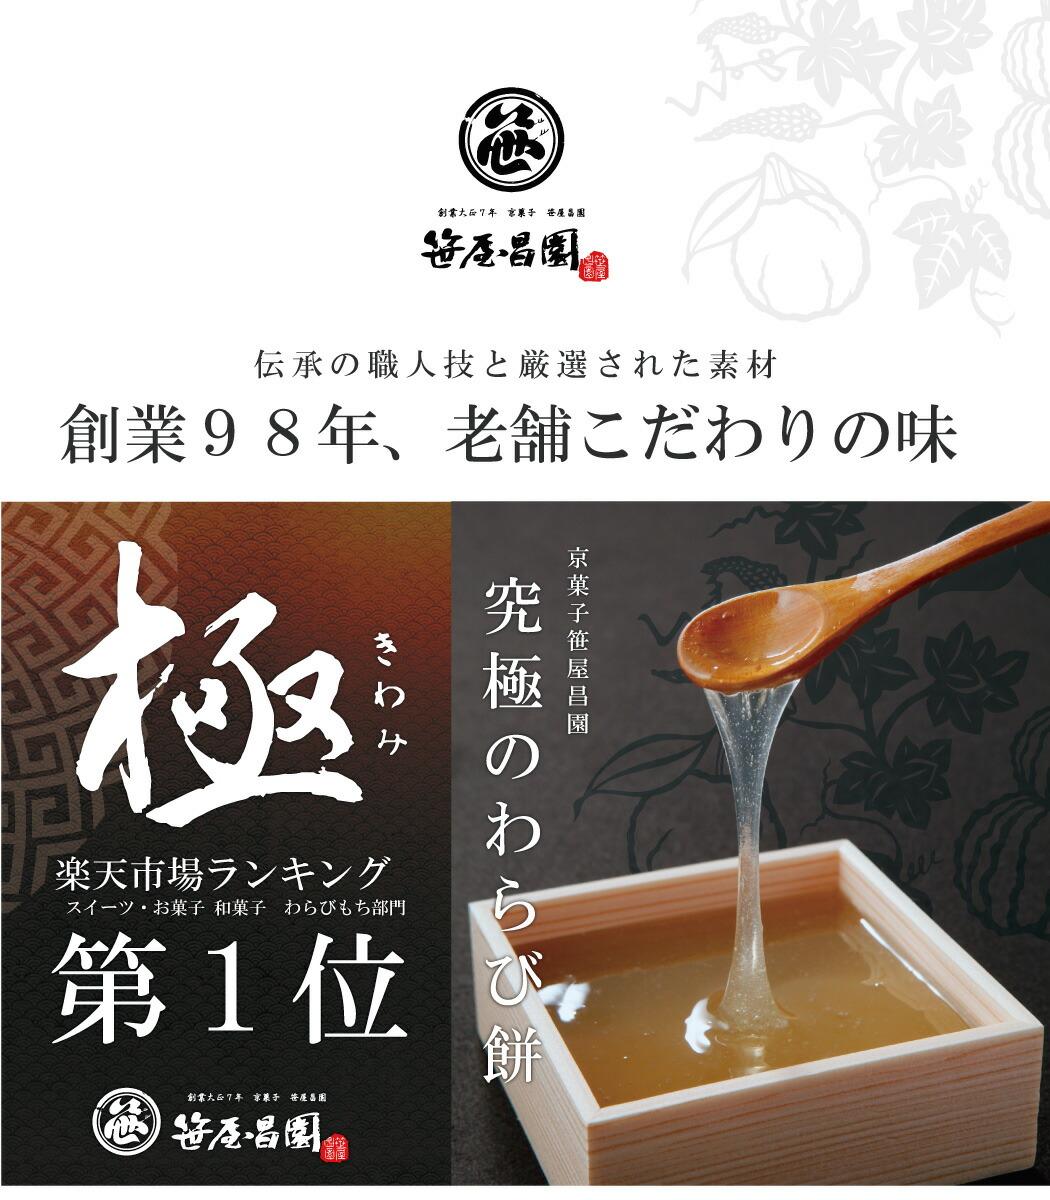 大人気わらびもち「極み」と、京菓子をセットにいたしました。